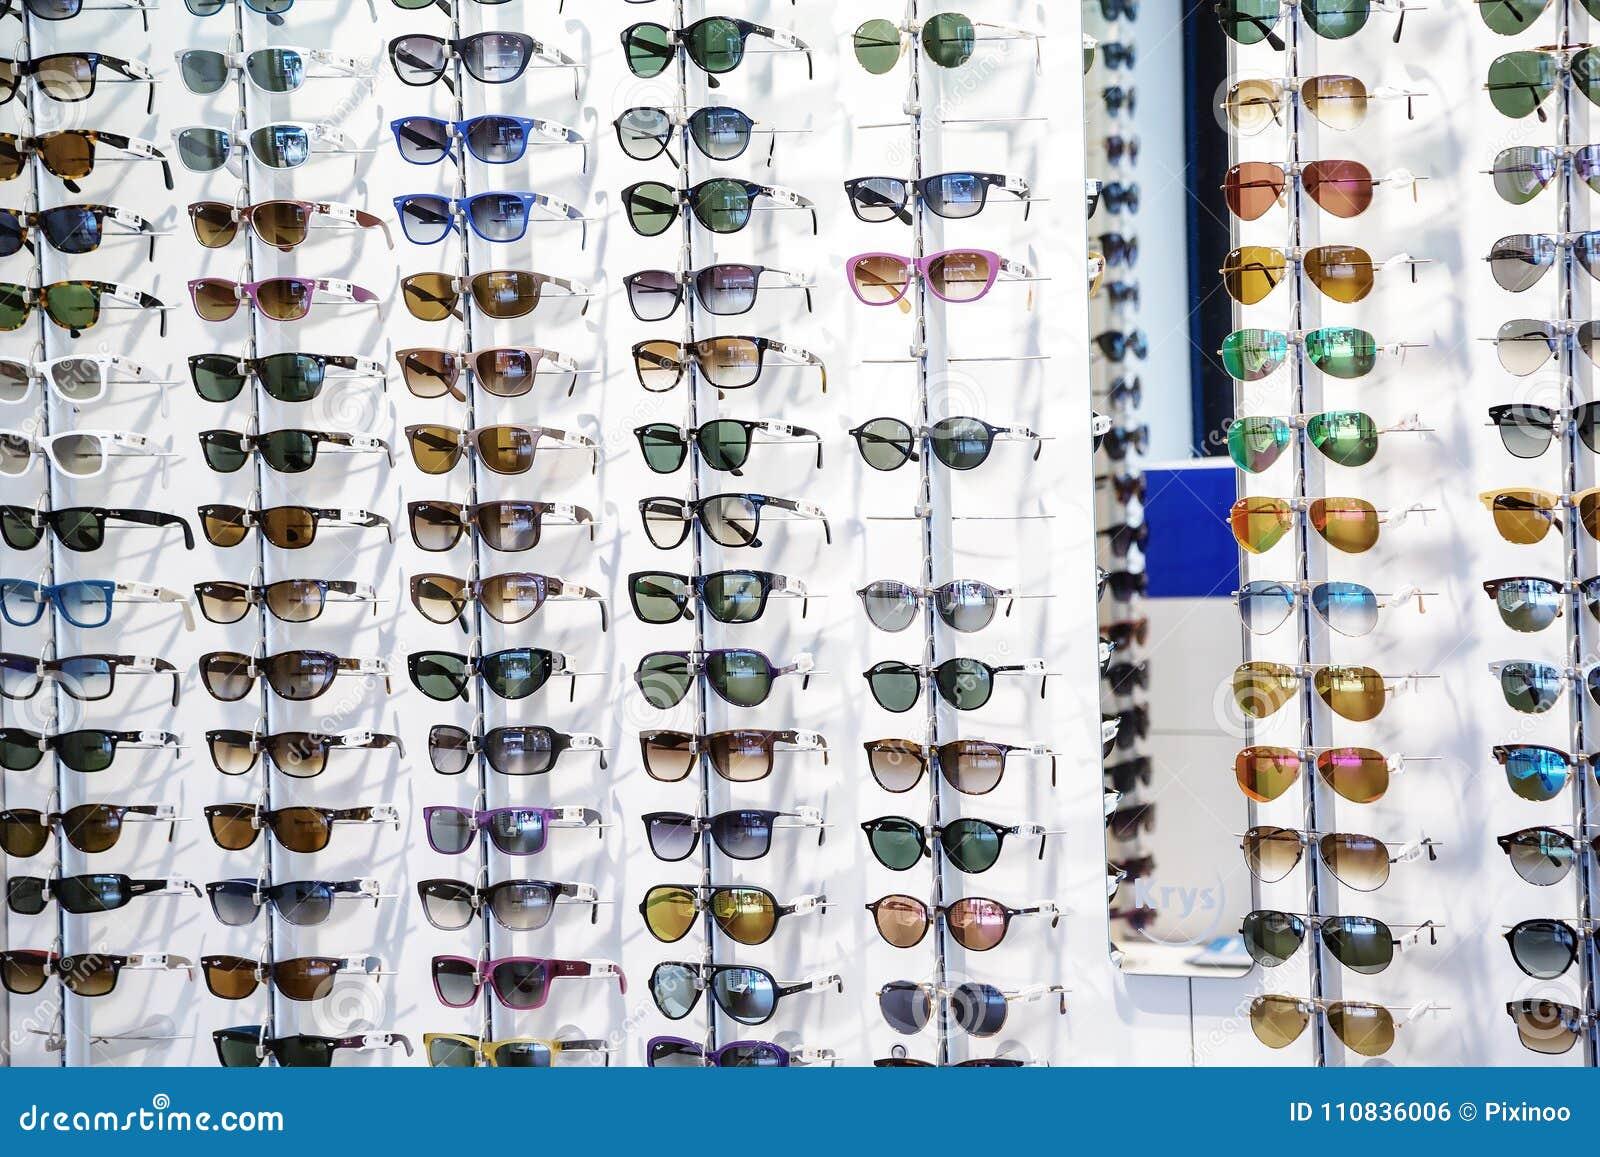 c0c64db84fe35 Estantes De Gafas De Sol En La Exhibición En Una Tienda De Las Gafas ...